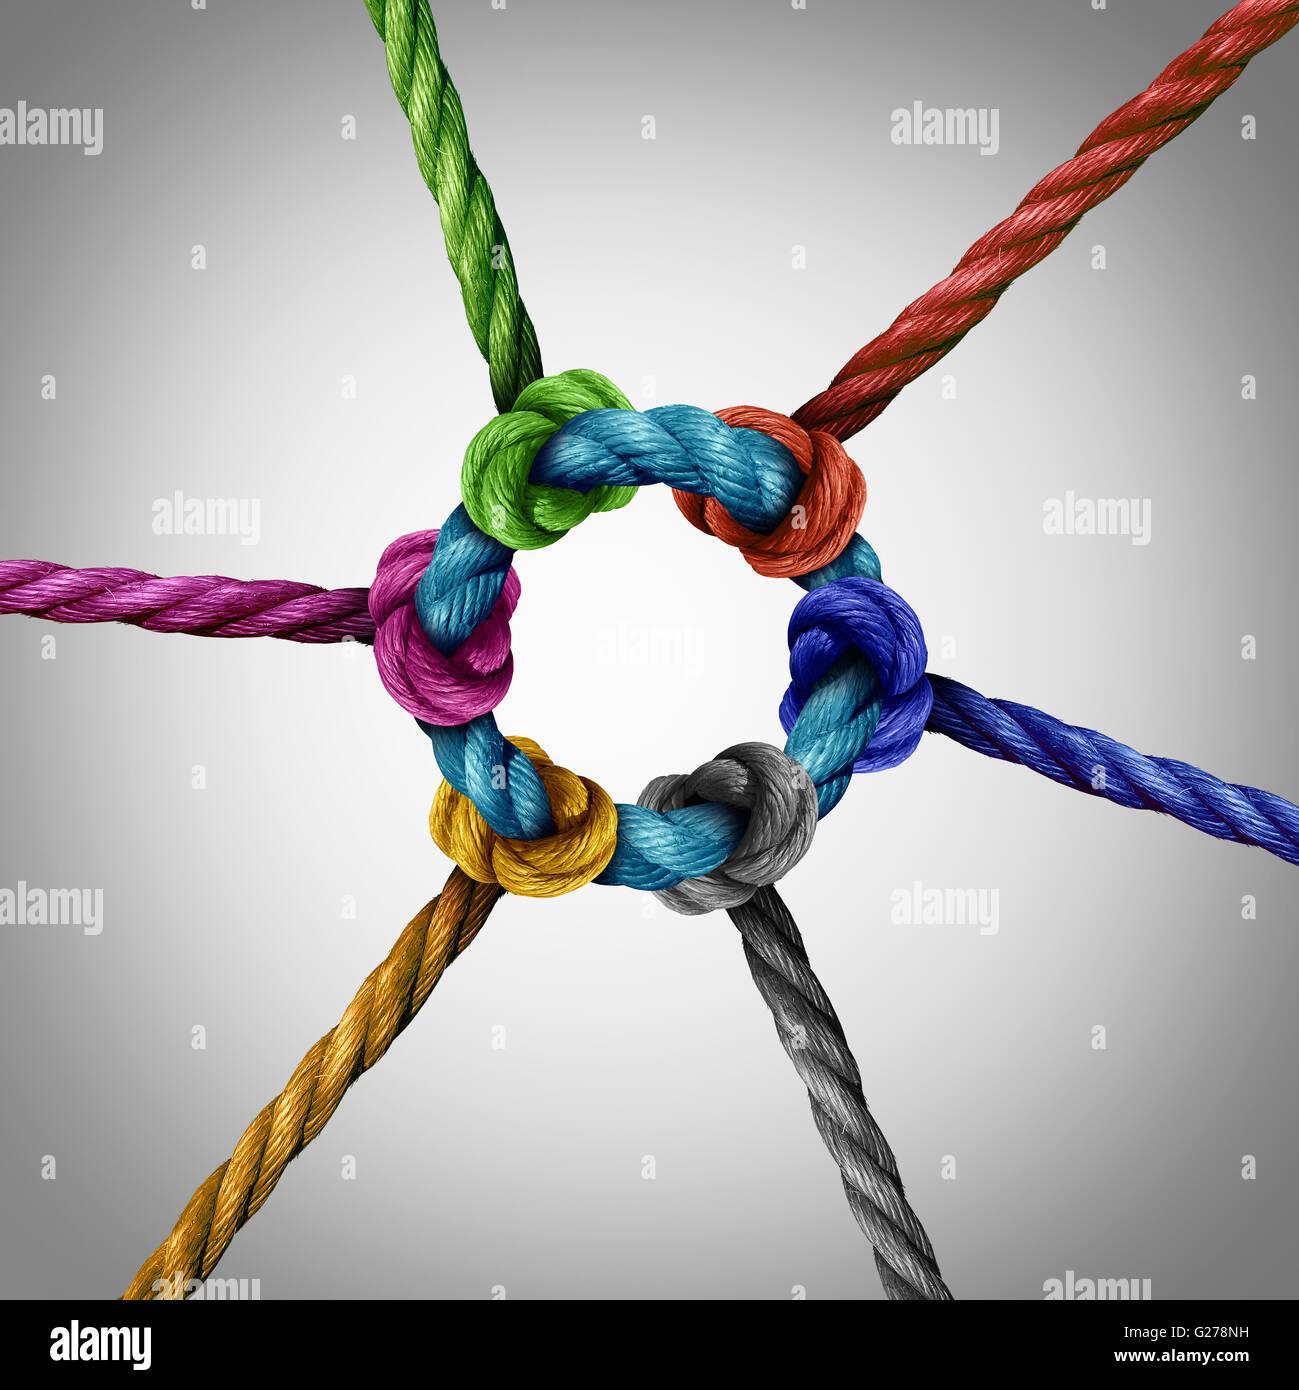 Centrale di connessione di rete il concetto di business come un gruppo di diverse funi collegate a un cerchio corda Immagini Stock